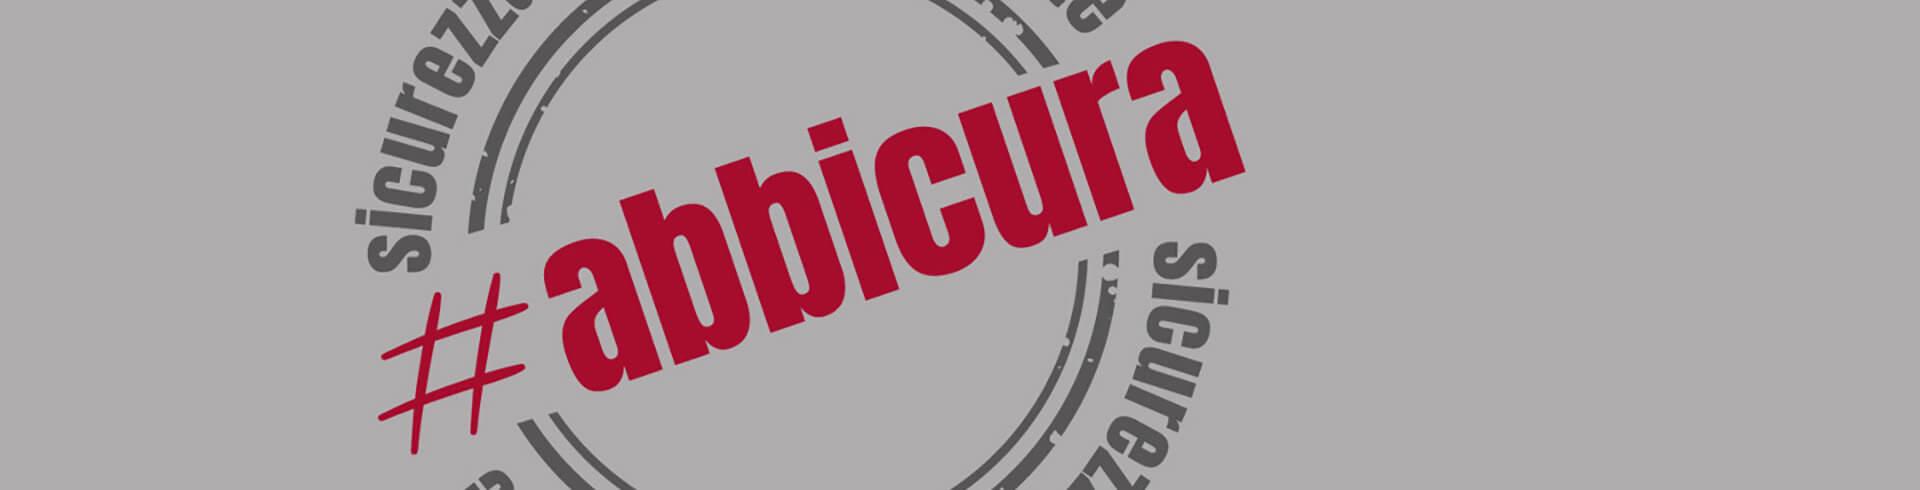 #abbicura: Sicurezza, Salute e Ambiente